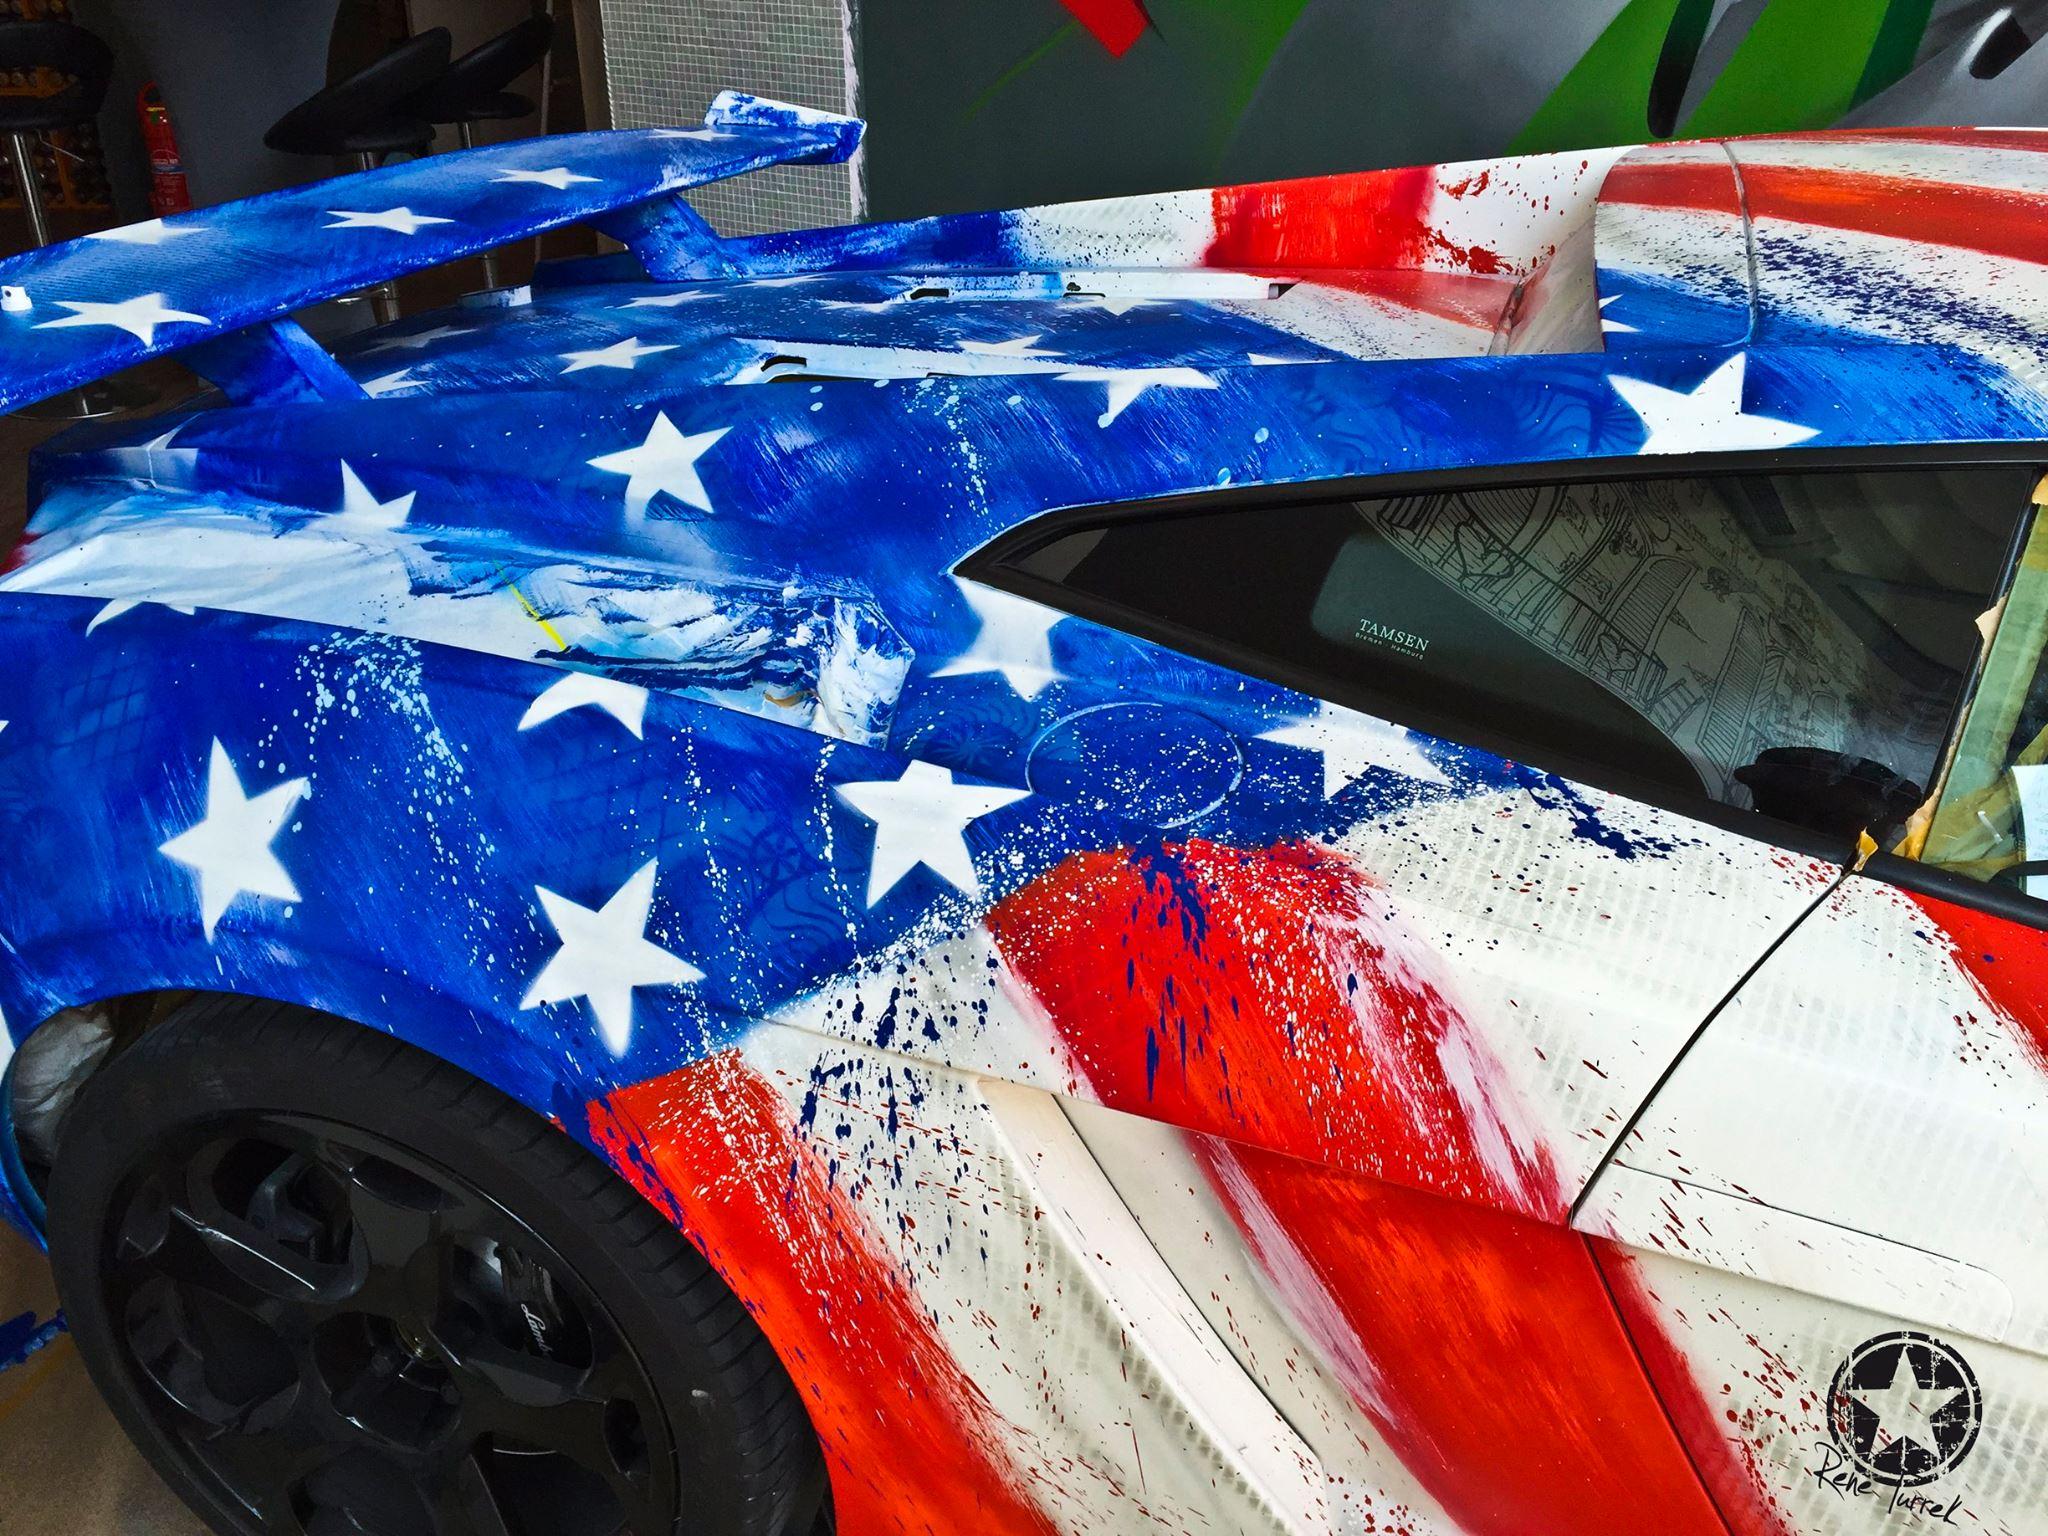 Quot The First Avenger Quot Lamborghini Changes Colors When Wet Autoevolution